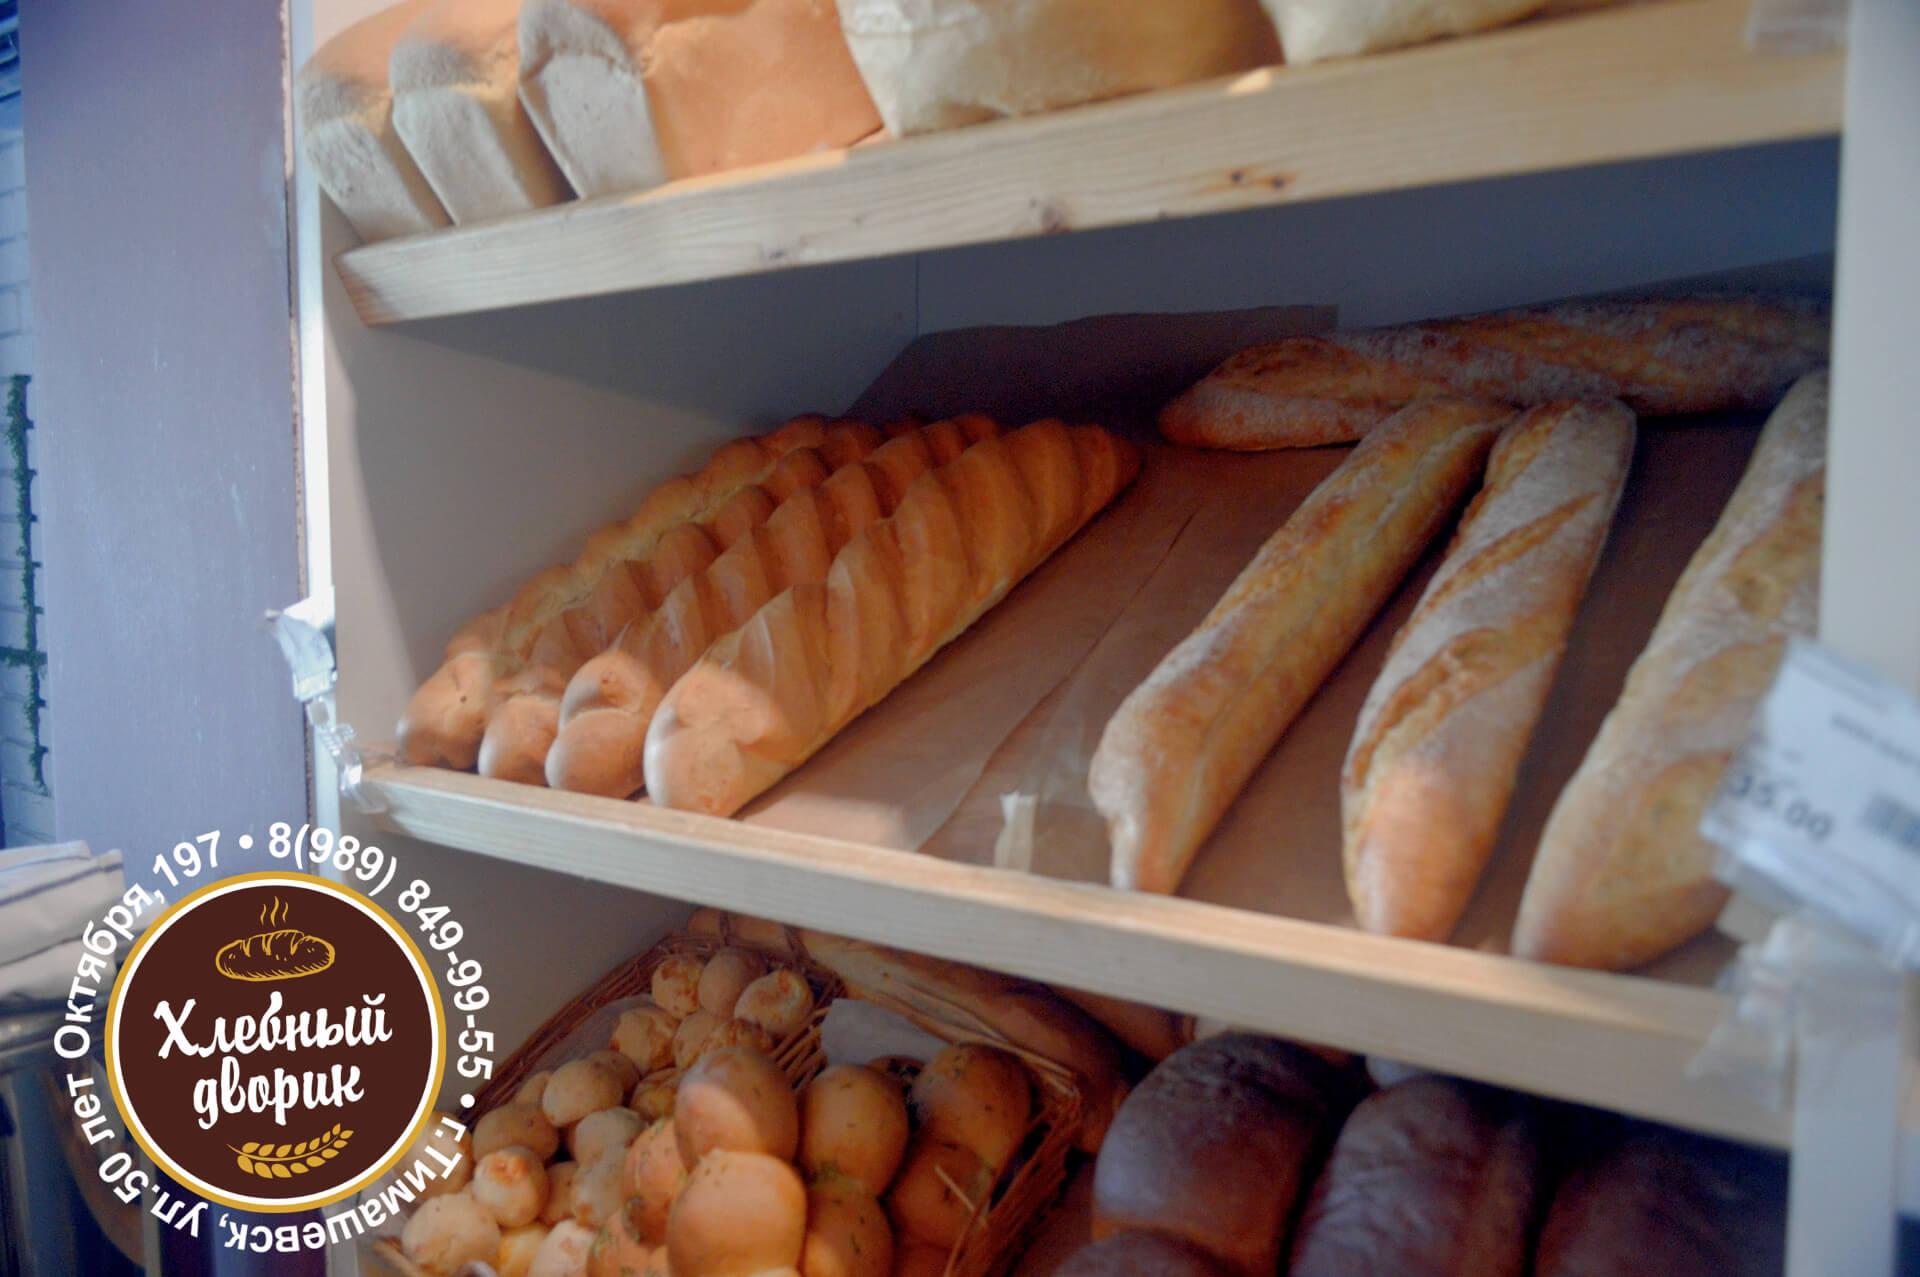 Свежие хлебные батоны в кондитерской Хлебный дворик в Тимашевске